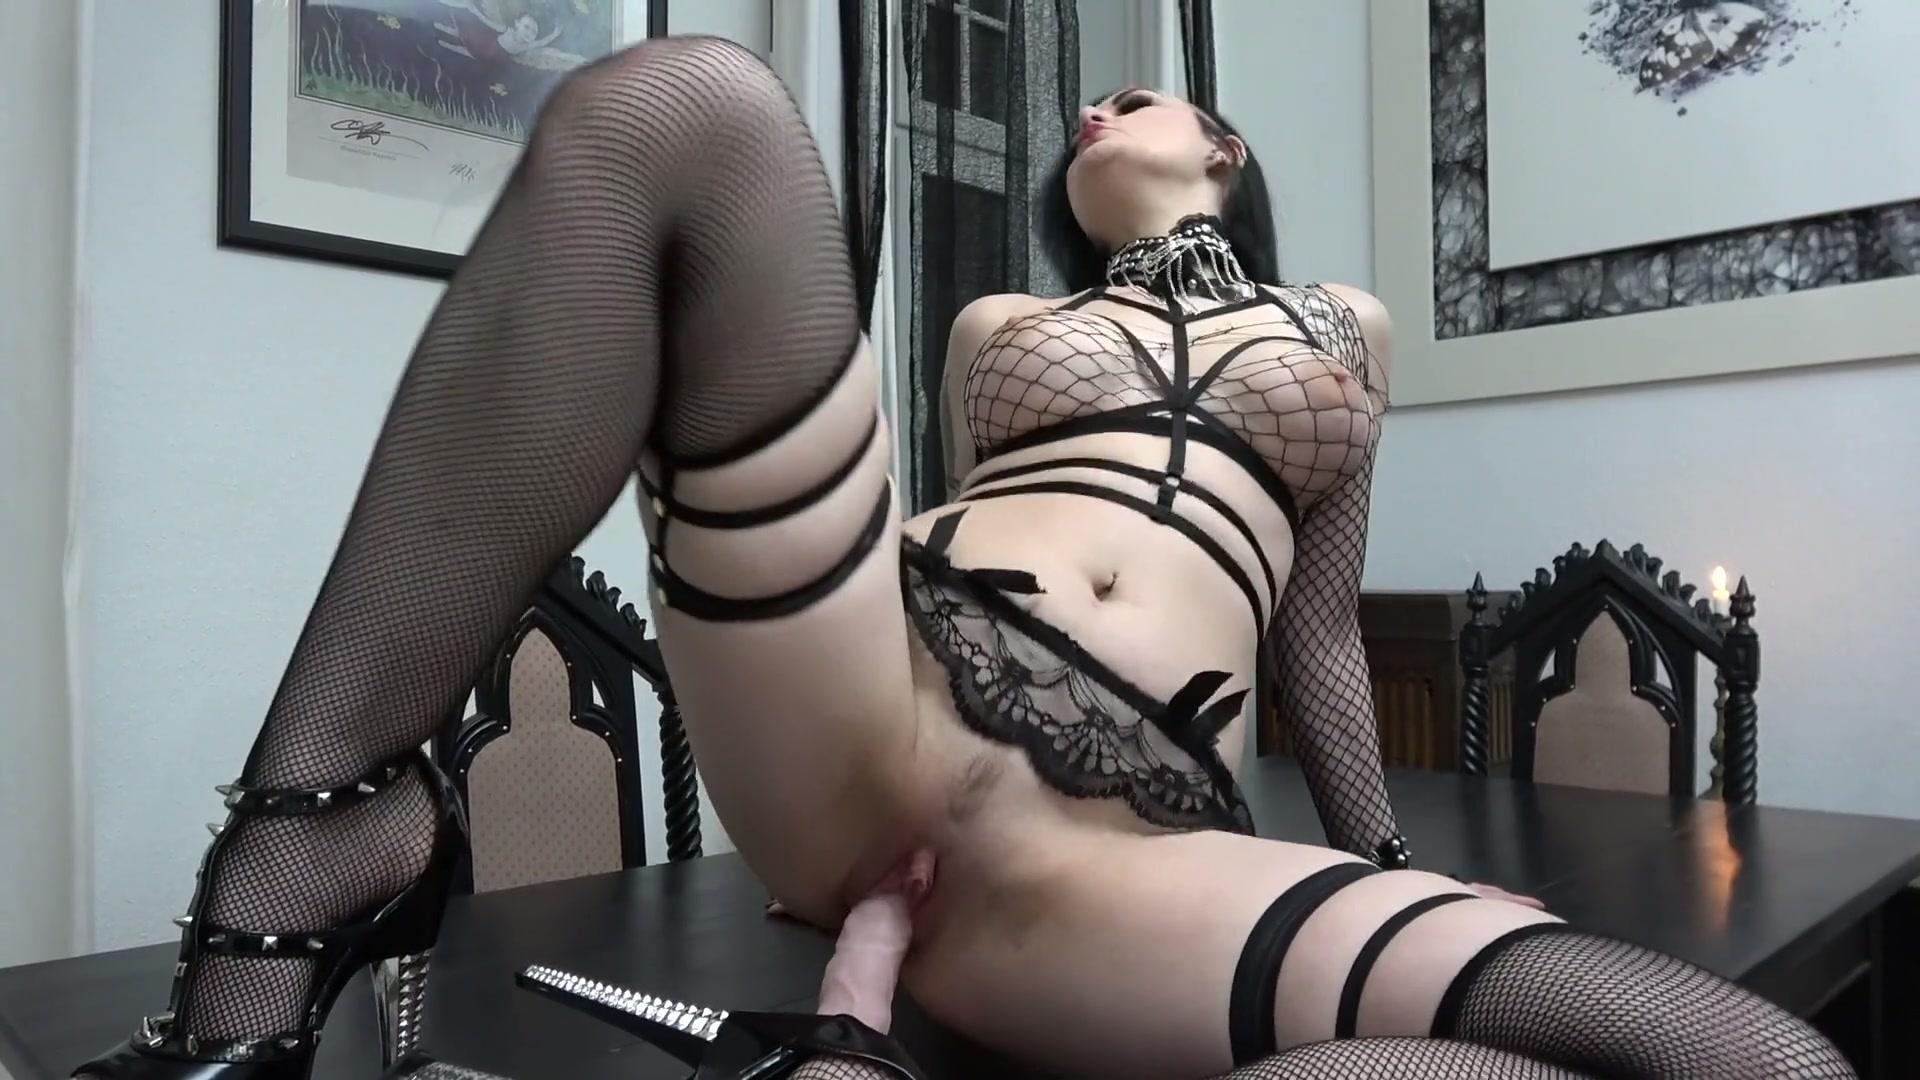 naked butt fem